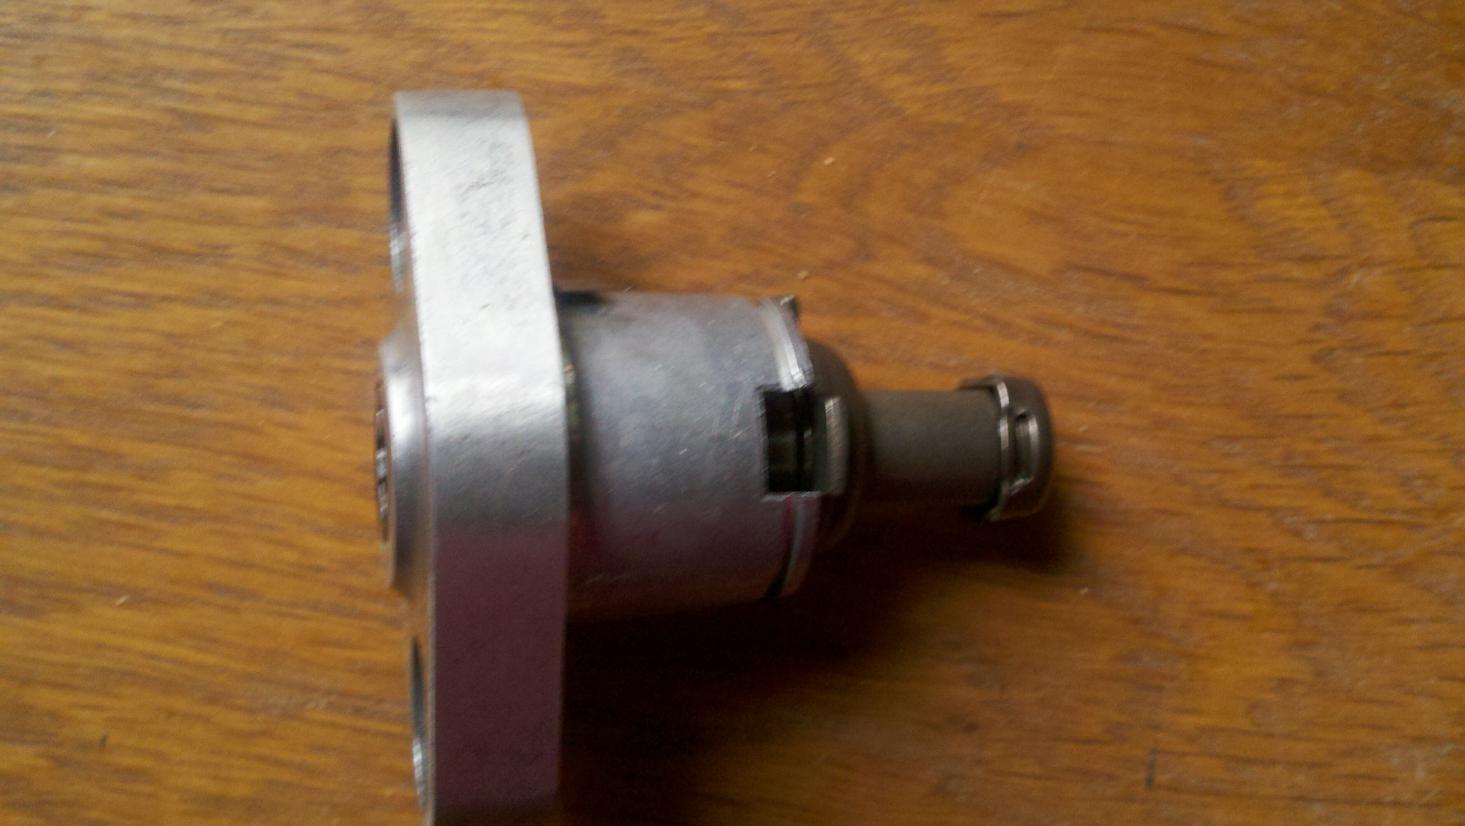 Cam Chain Tensioner Fix-2011-09-23_15-46-09_531.jpg